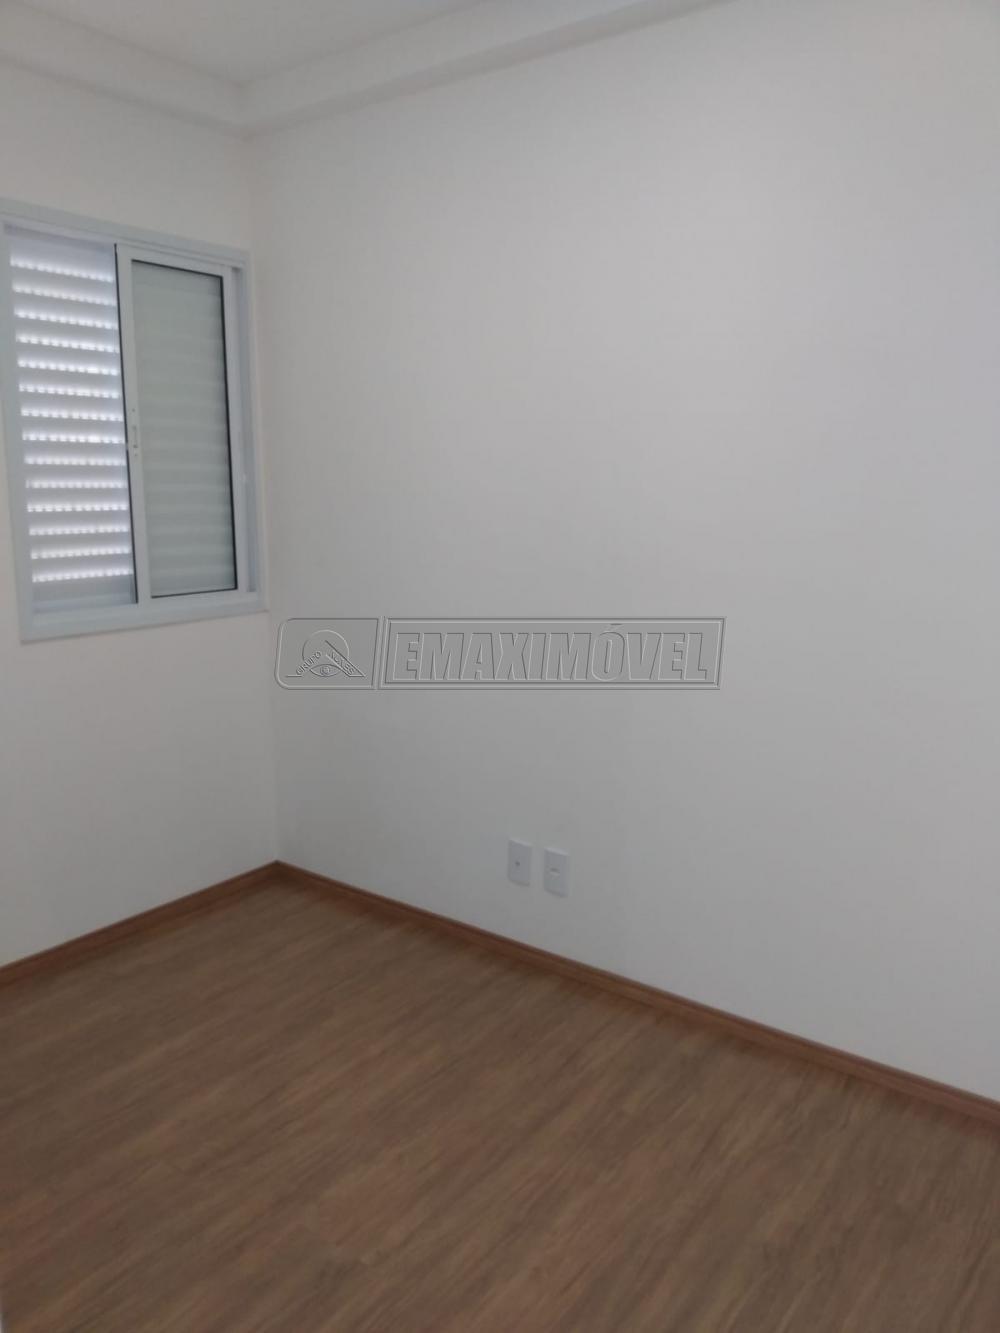 Comprar Apartamento / Padrão em Sorocaba R$ 235.000,00 - Foto 12